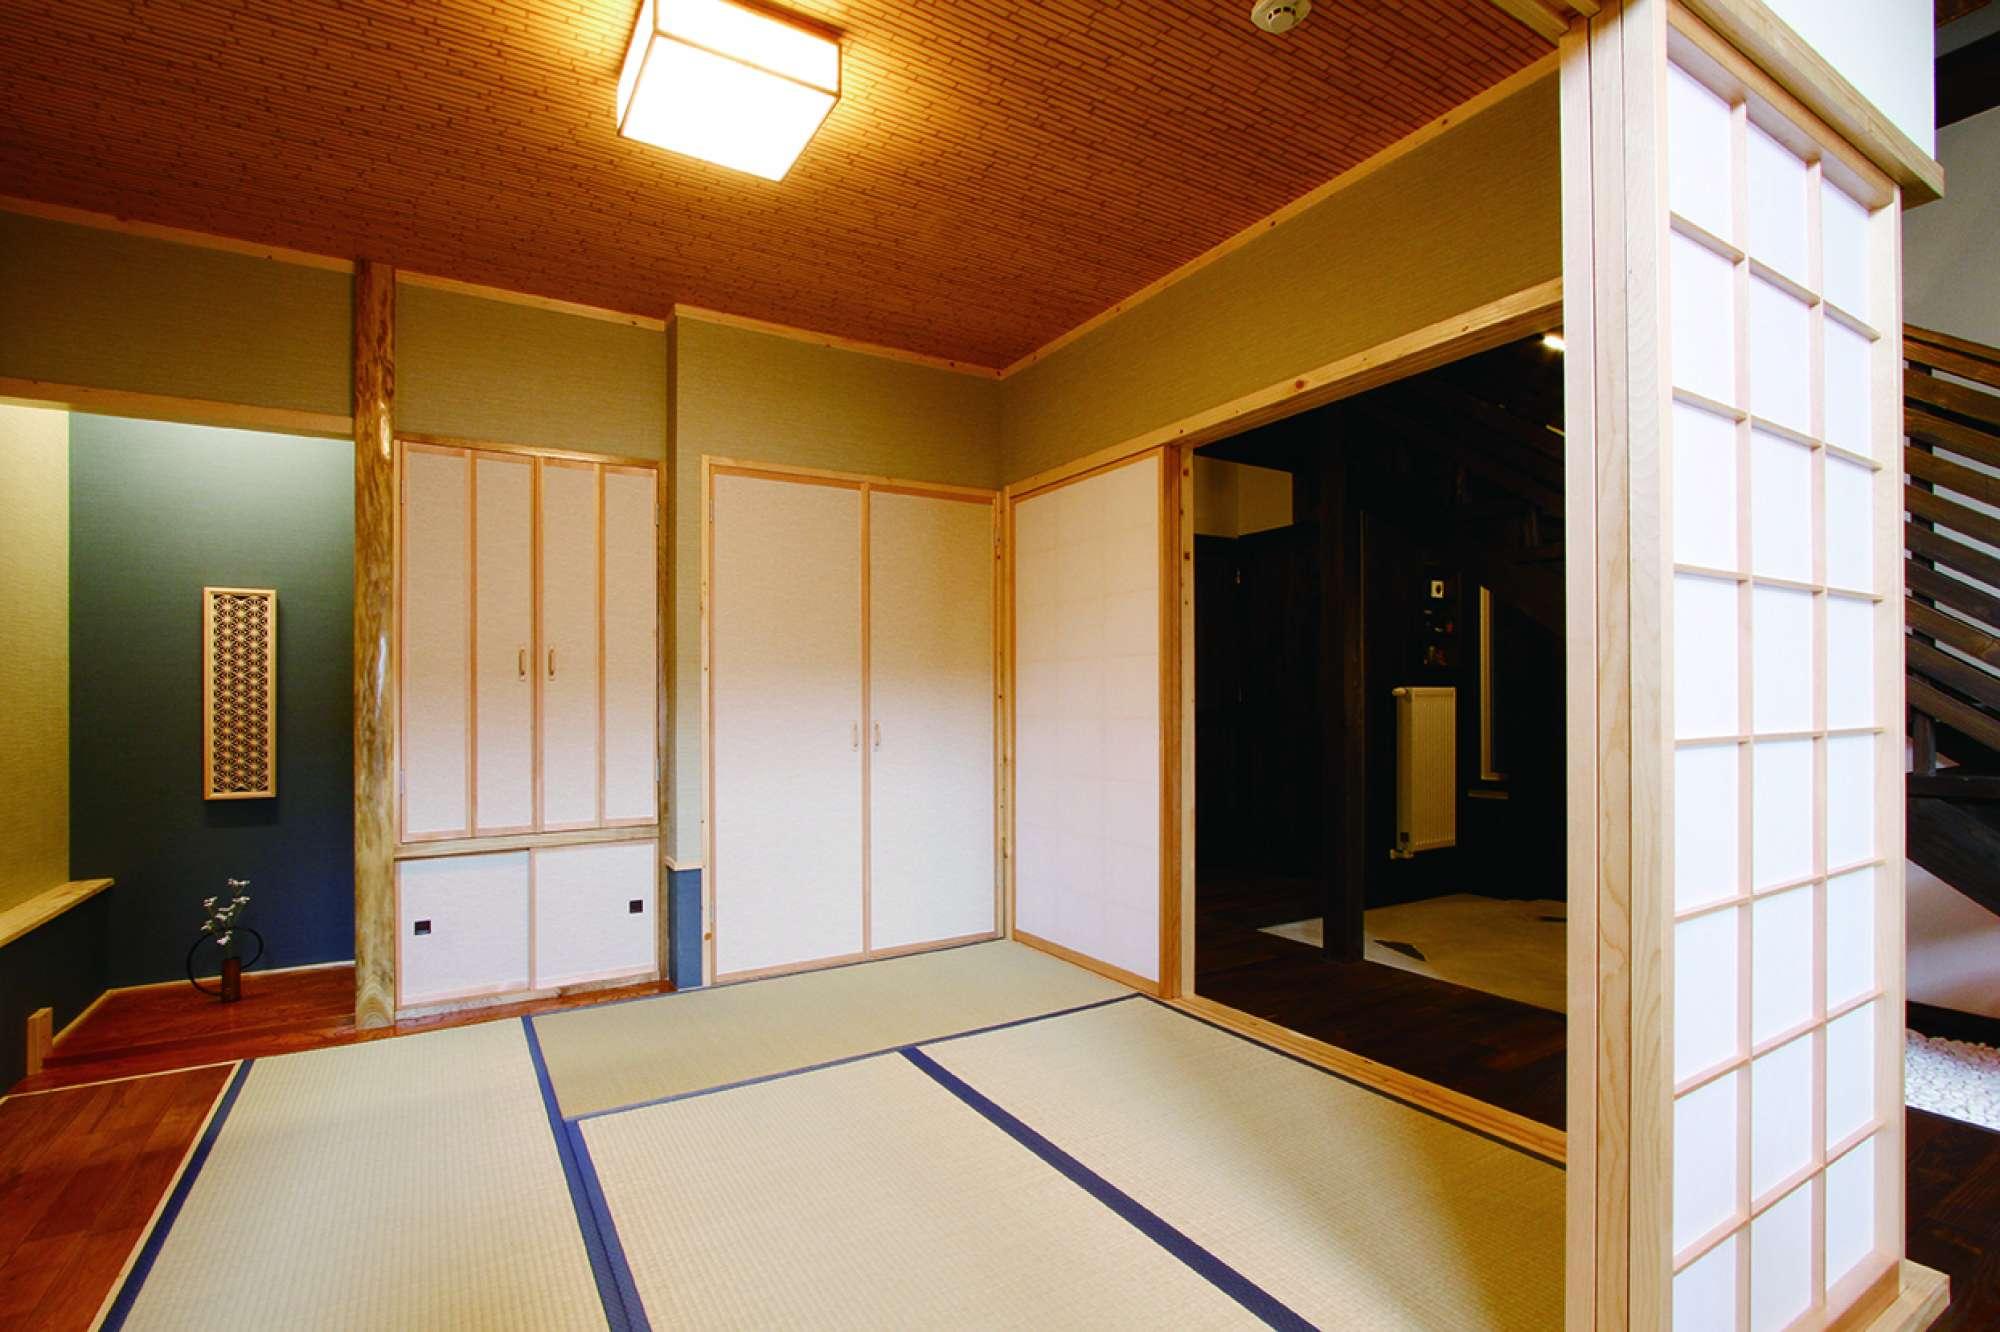 障子がL字型に開放する和室。階段下の坪庭も眺められる設計 -  -  -